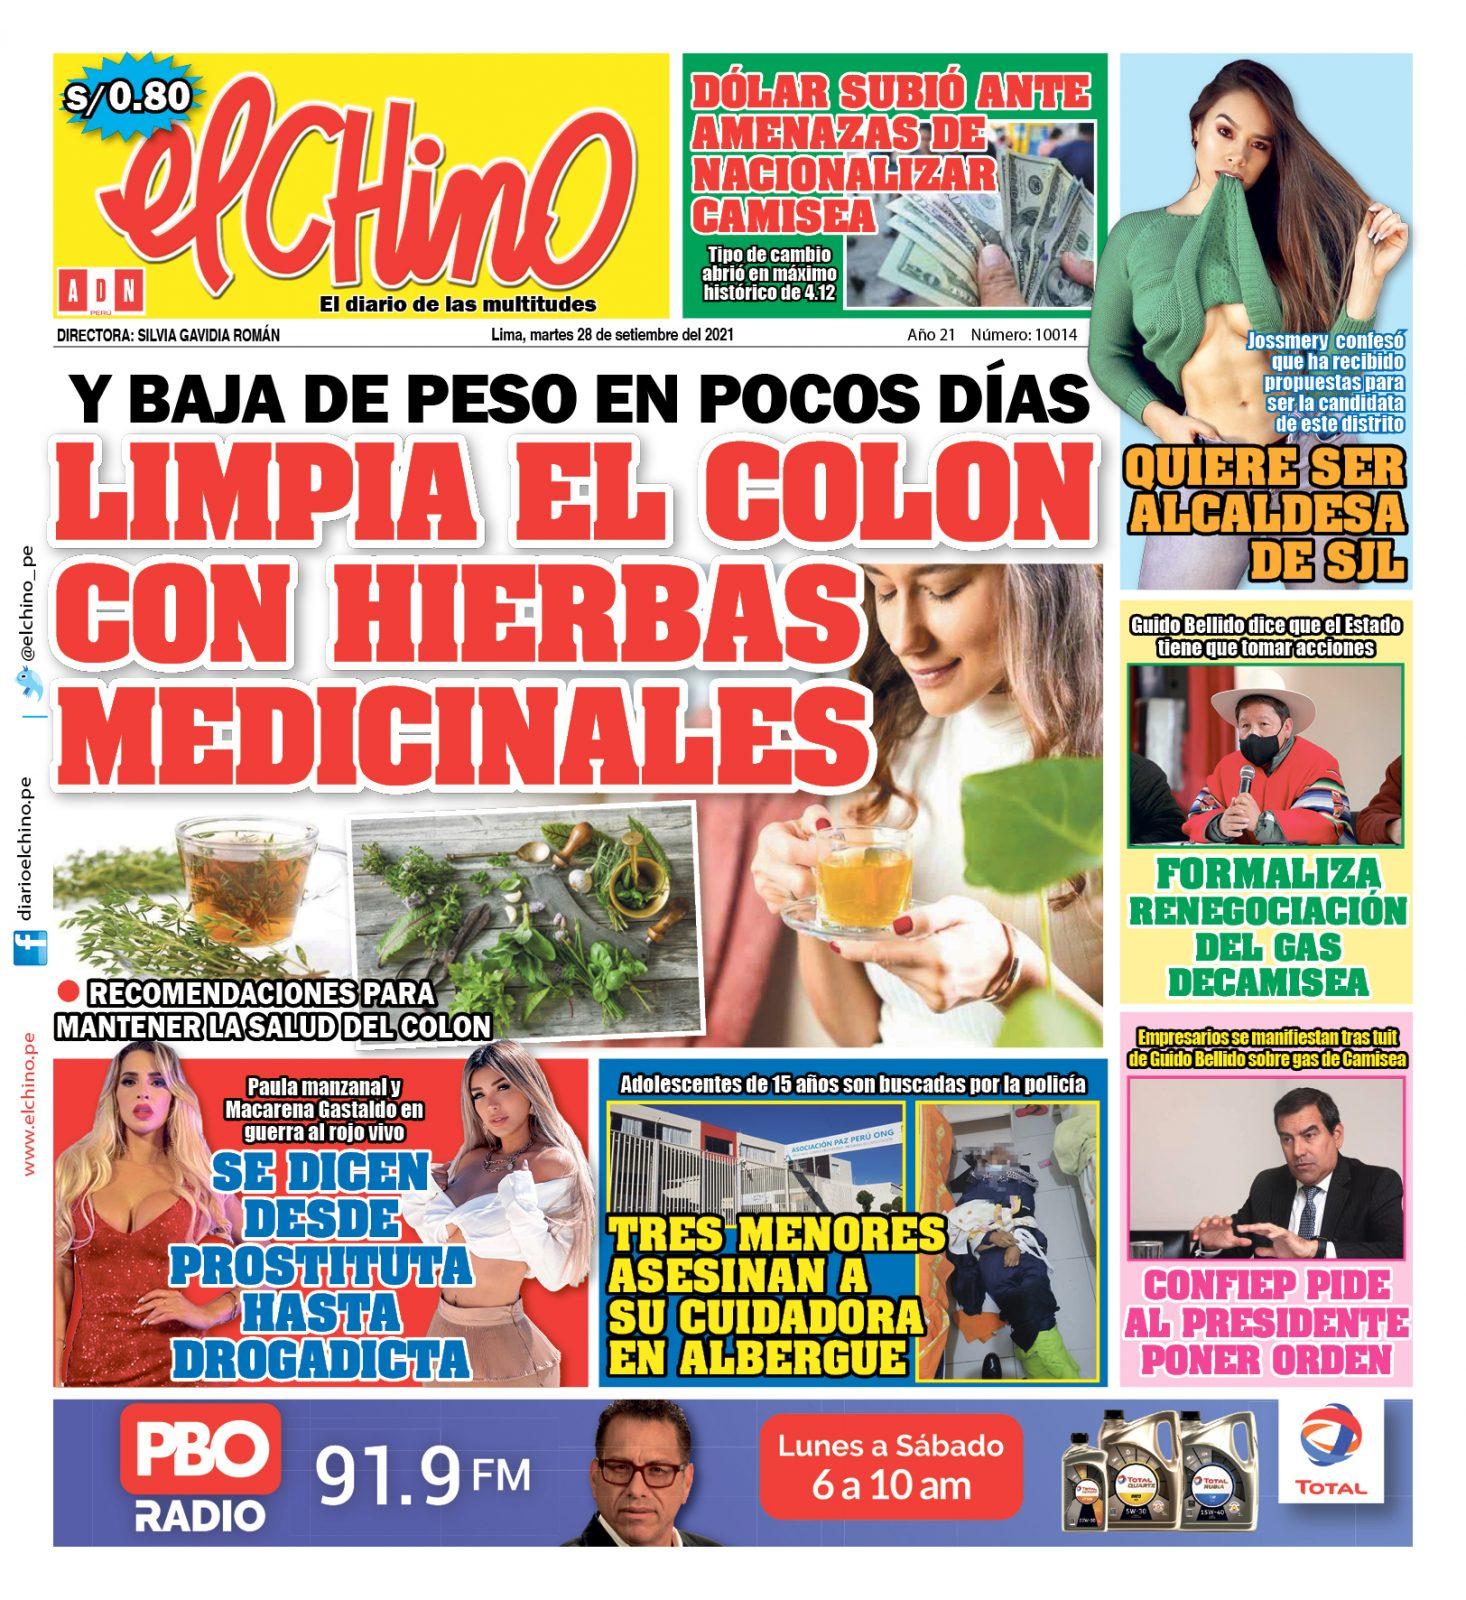 Portada impresa – Diario El Chino (28/09/2021)